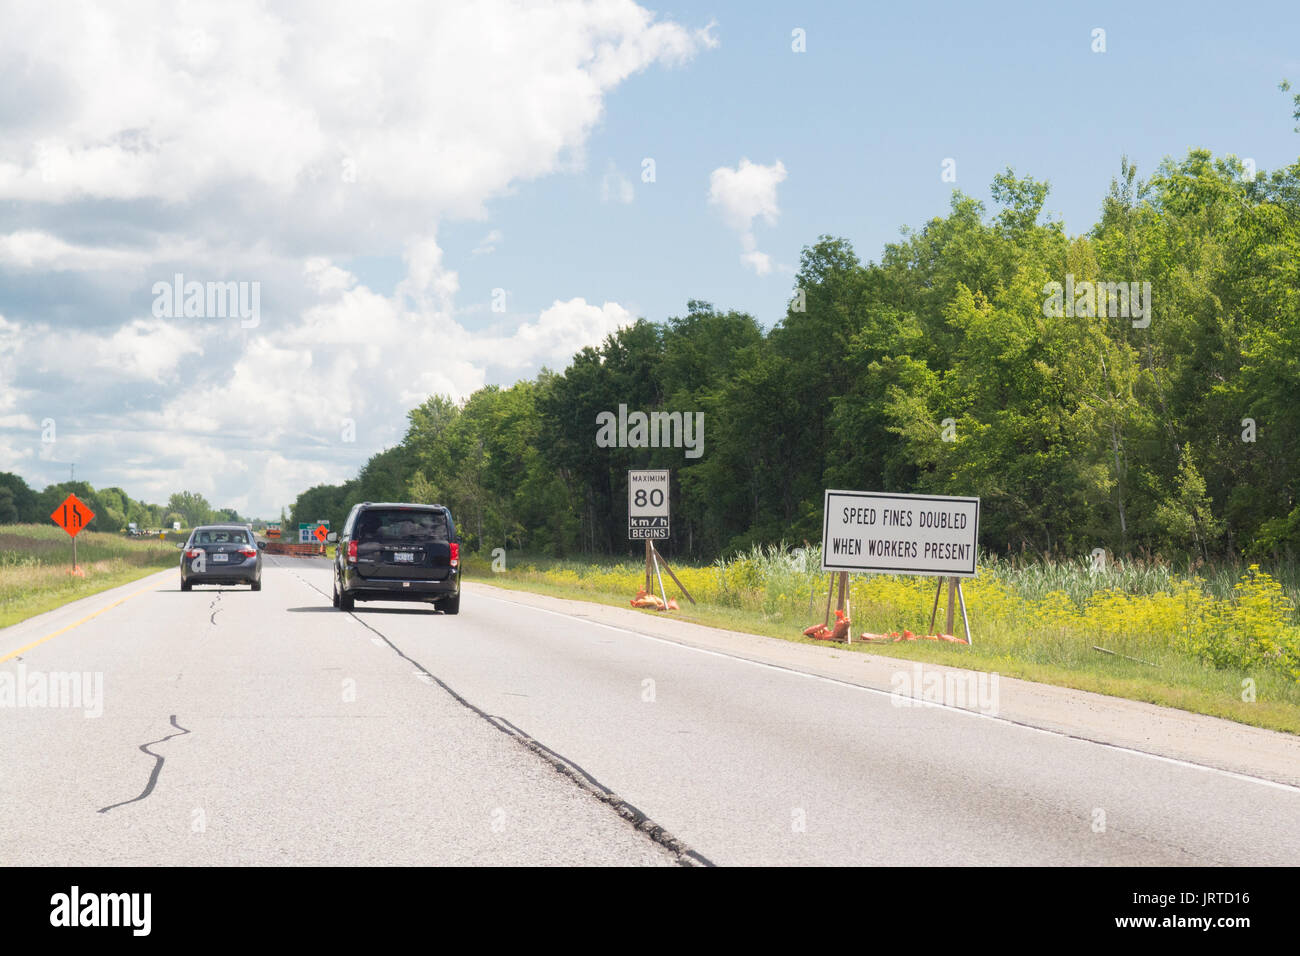 Double les amendes de vitesse lorsque les travailleurs présents signe, Ontario, Canada Photo Stock